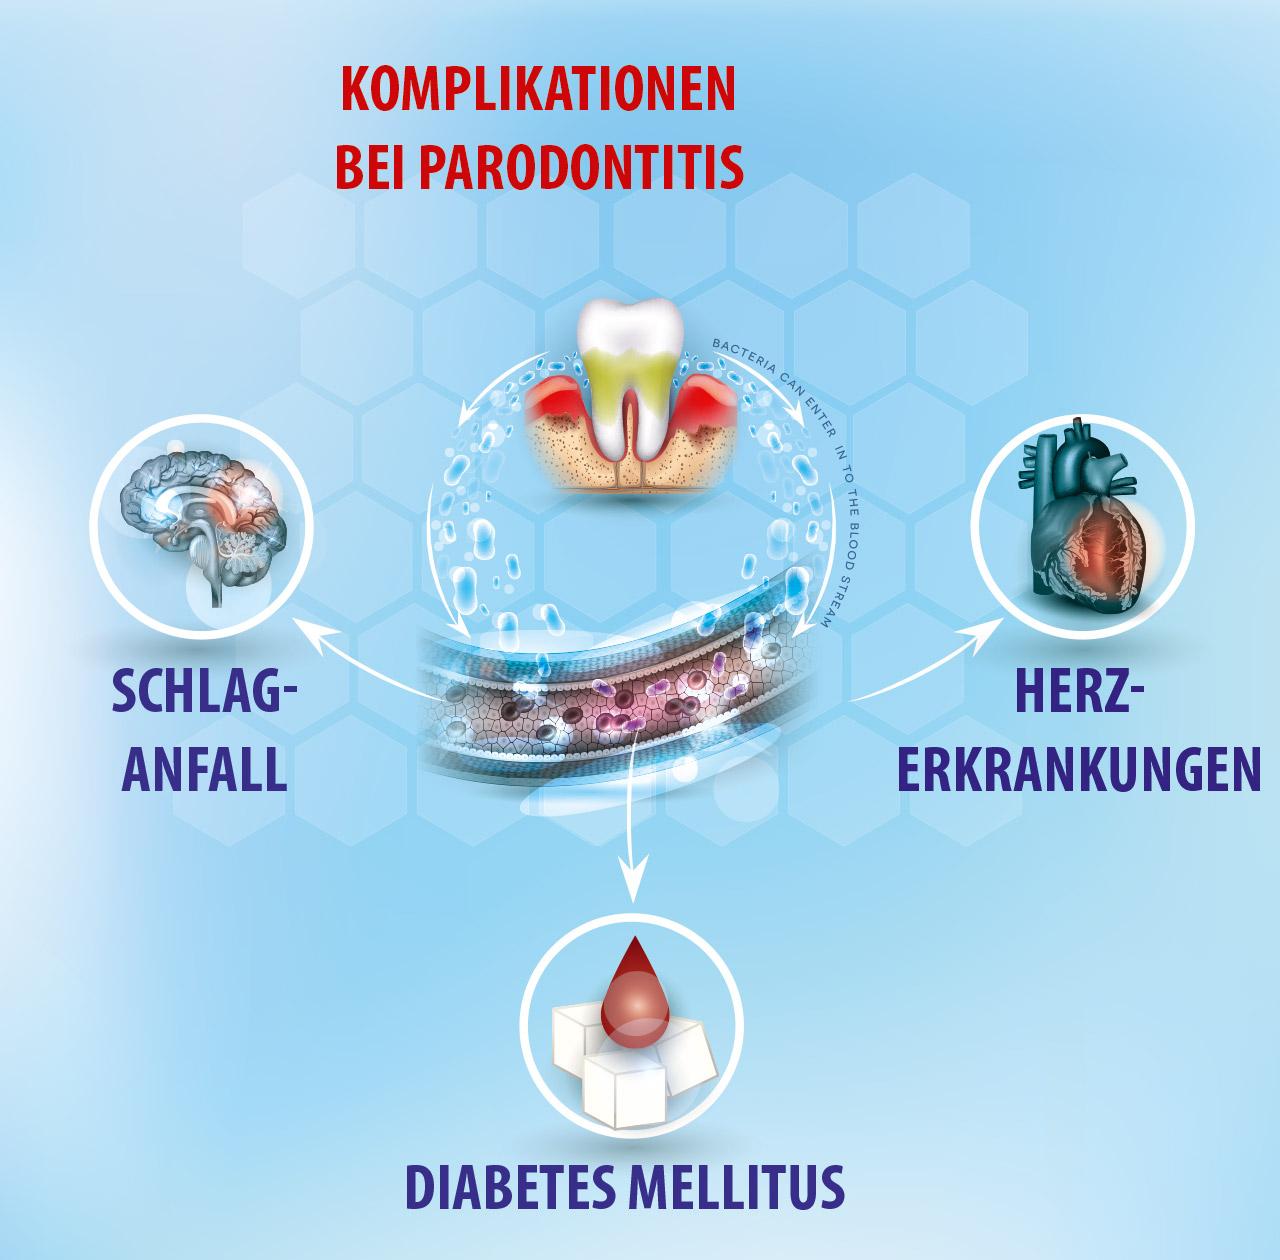 Komplikationen bei Parodontitis